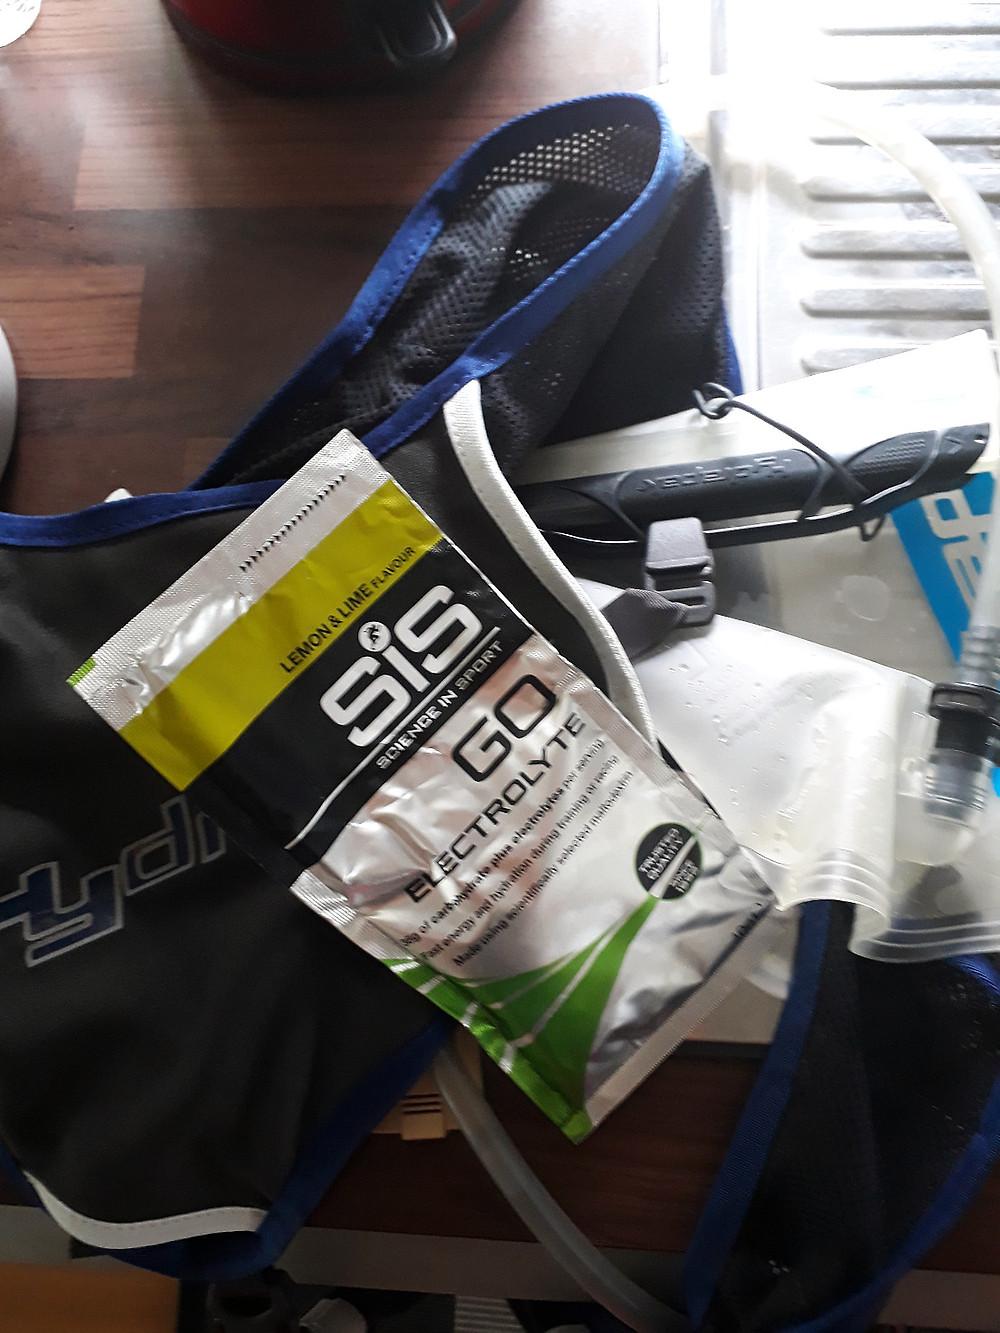 vätskeryggsäck och sportdryckspulver